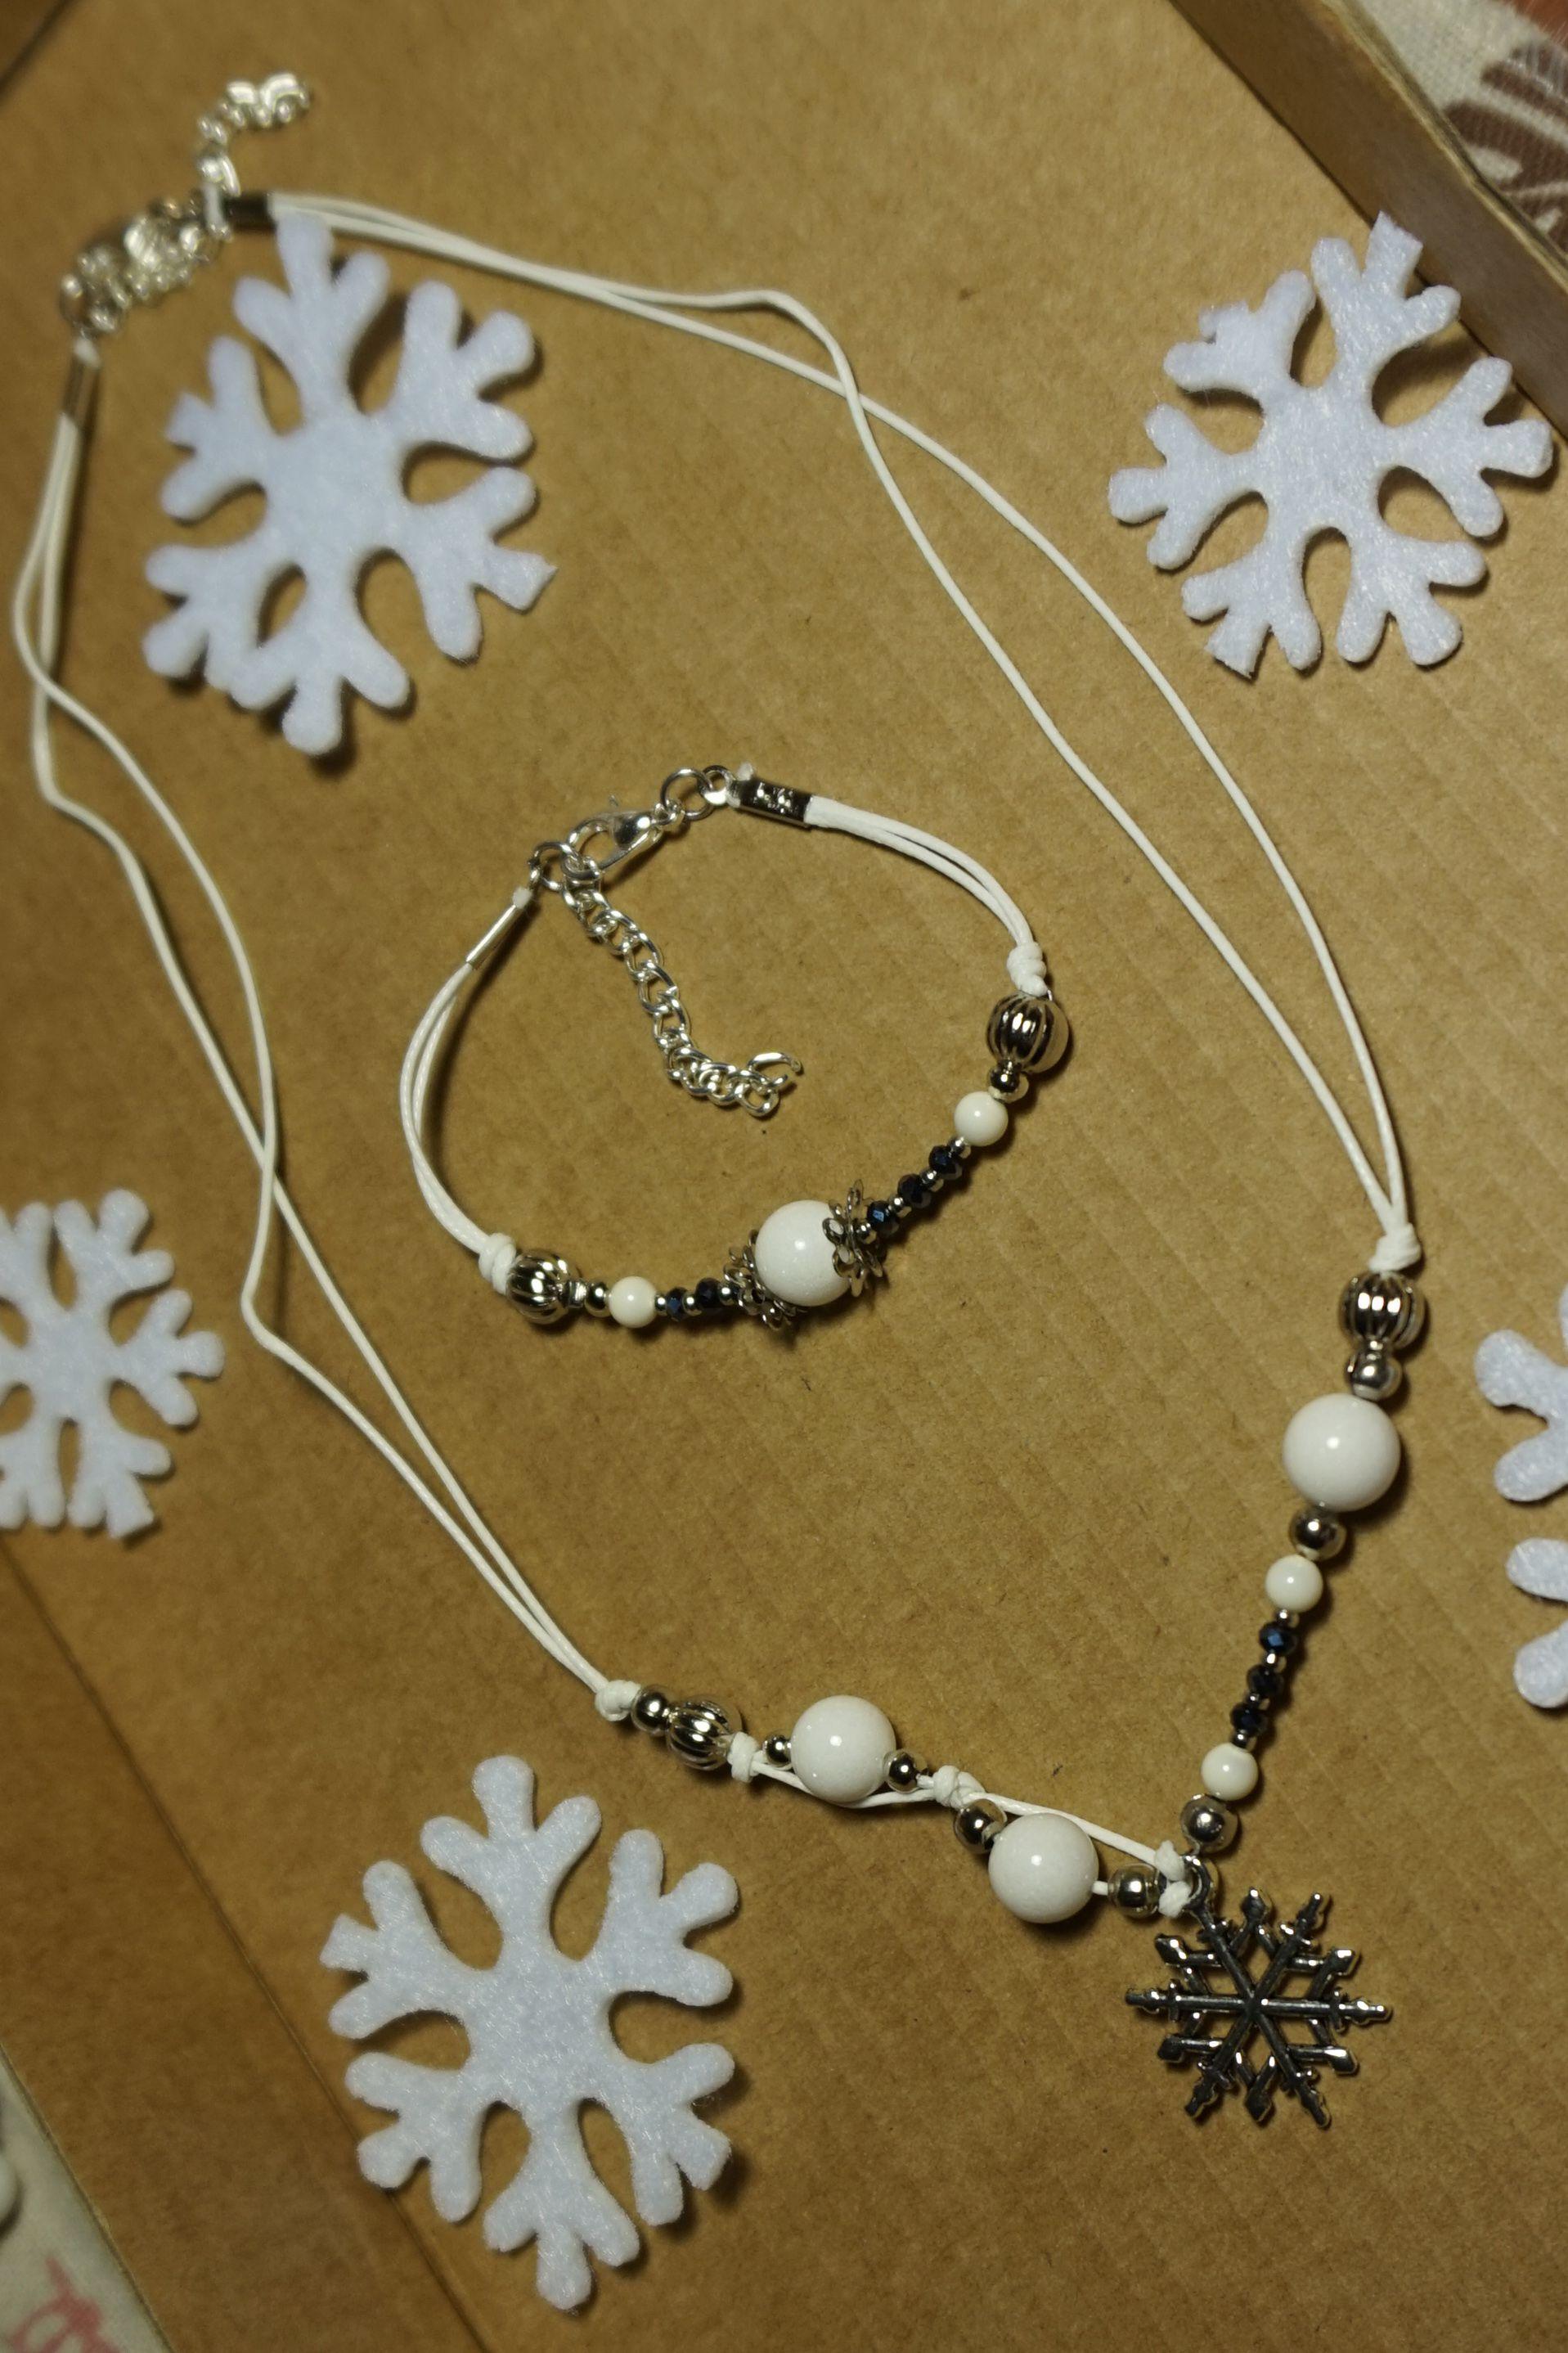 украшениедлядевочки подарокдевочке подарок оригинальныйподарок украшение украшениедлятебя новогоднийподарок